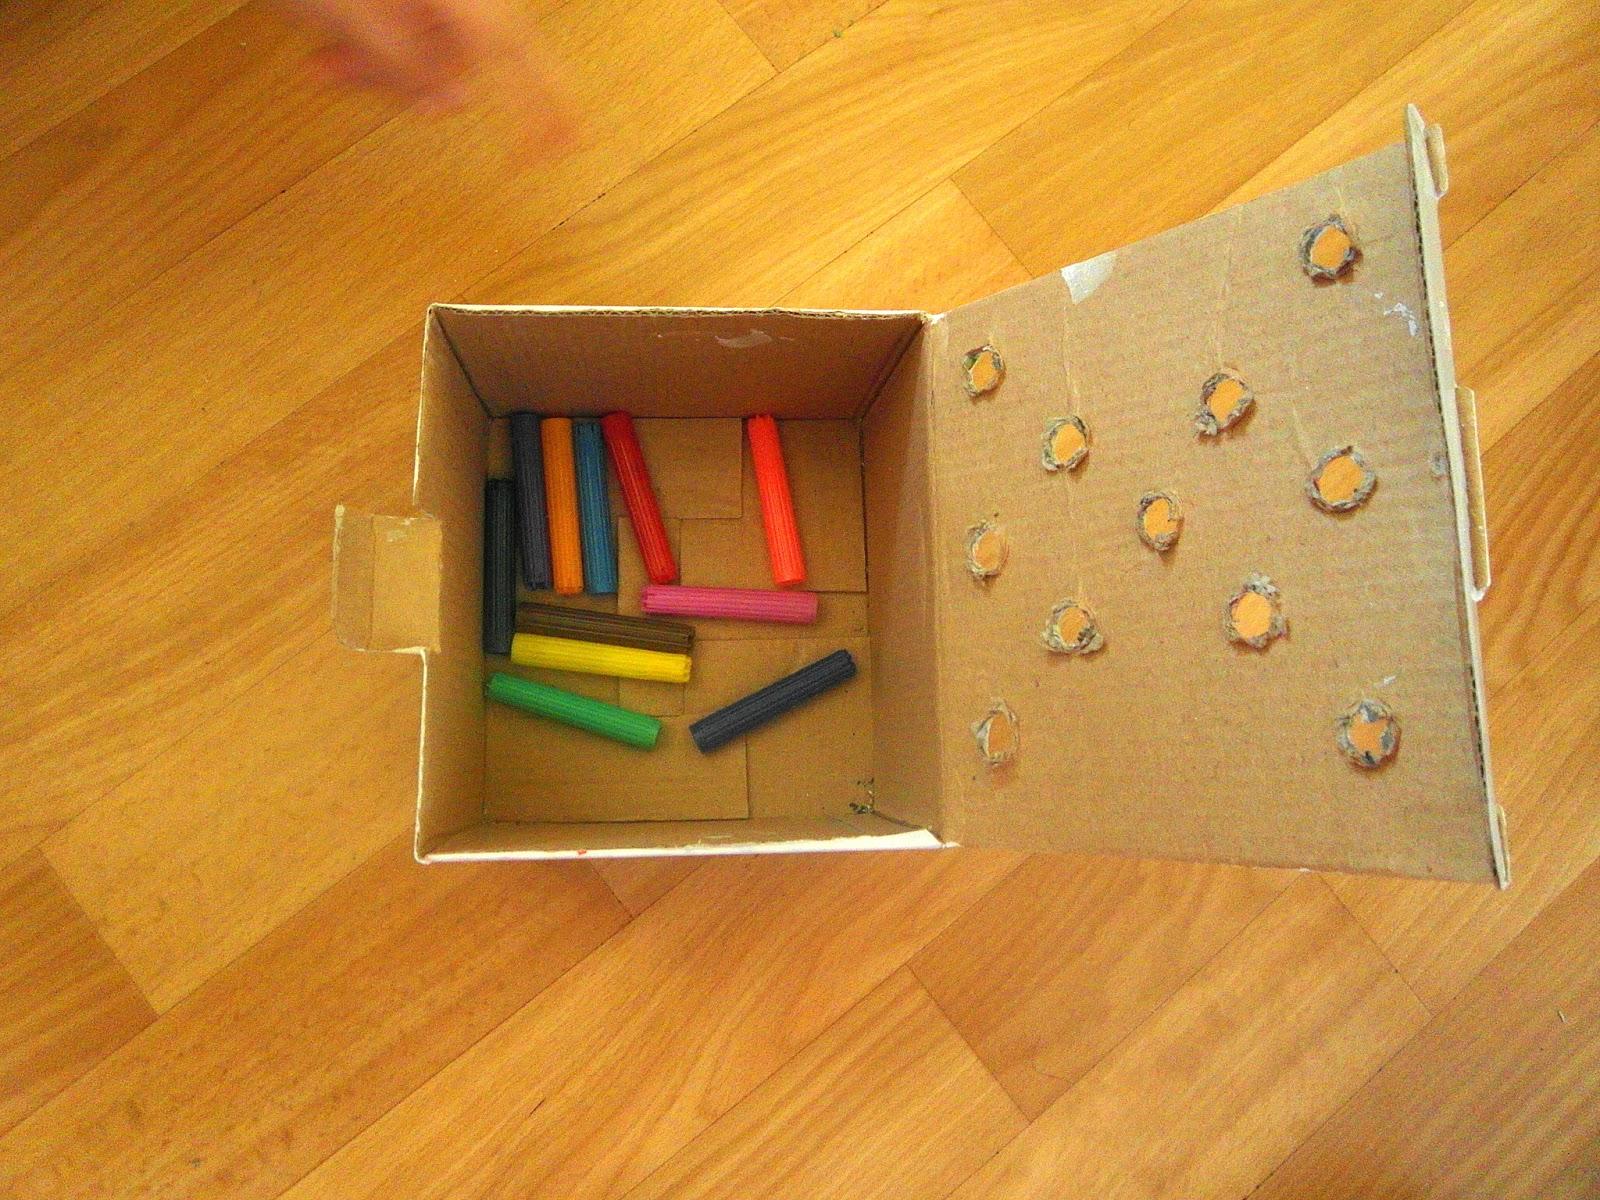 Детские поделки своими руками: лучшие идеи с пошаговыми фото 74